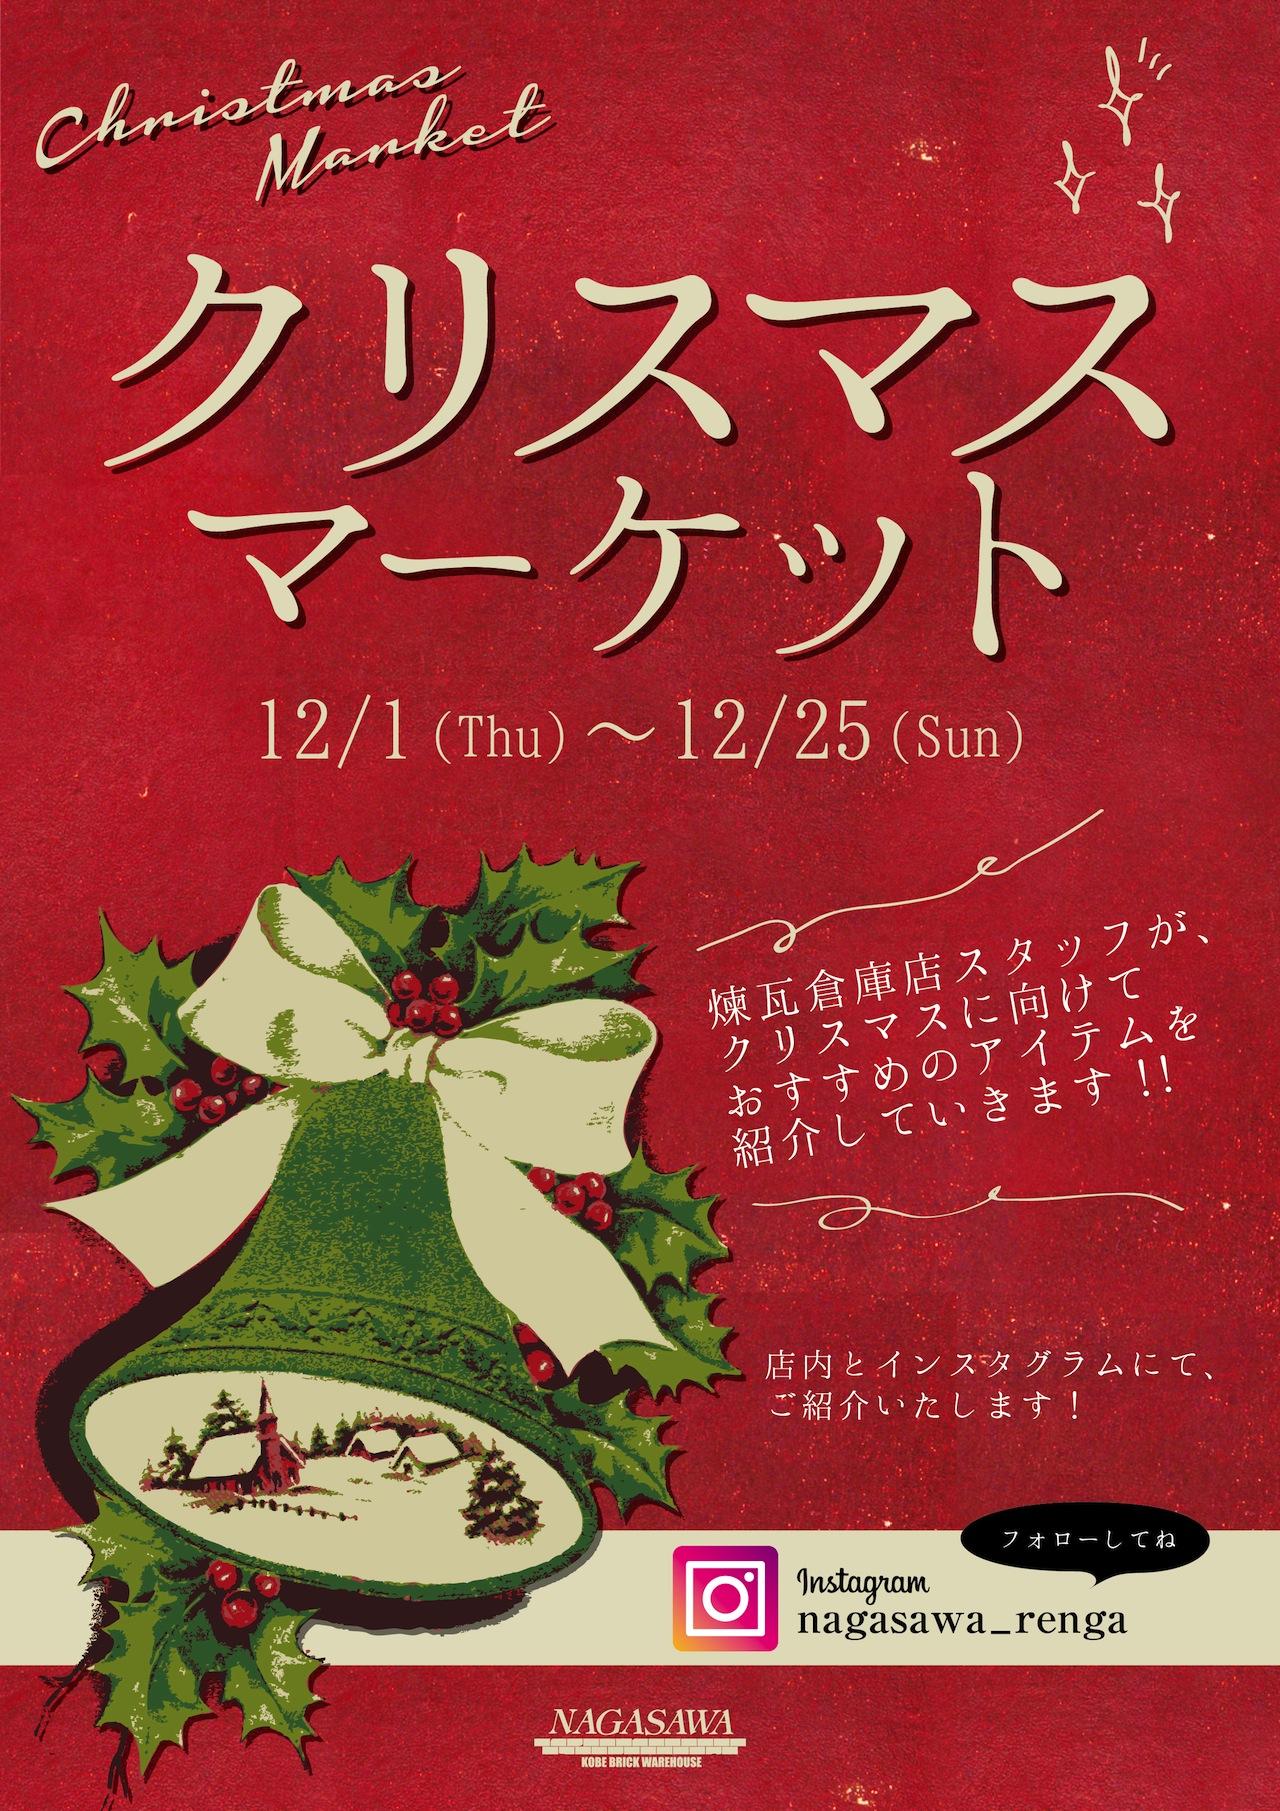 クリスマスマーケット @NAGASAWA神戸煉瓦倉庫店